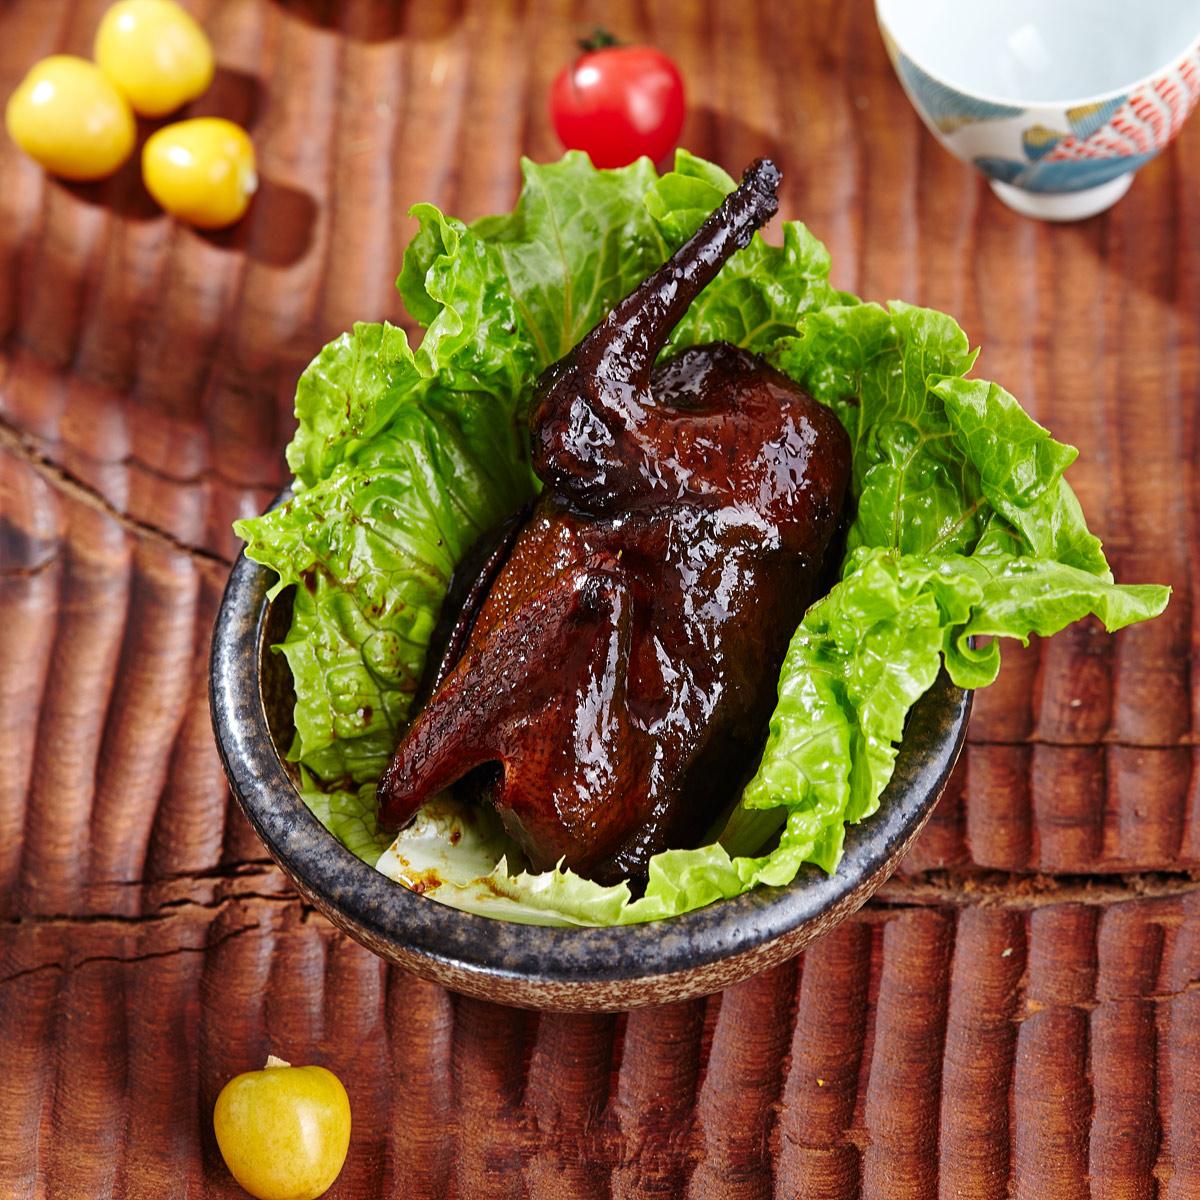 【一鸽食堂】鲜美乳鸽卤味烤散养土鸽休闲零食卤味即食零食250g